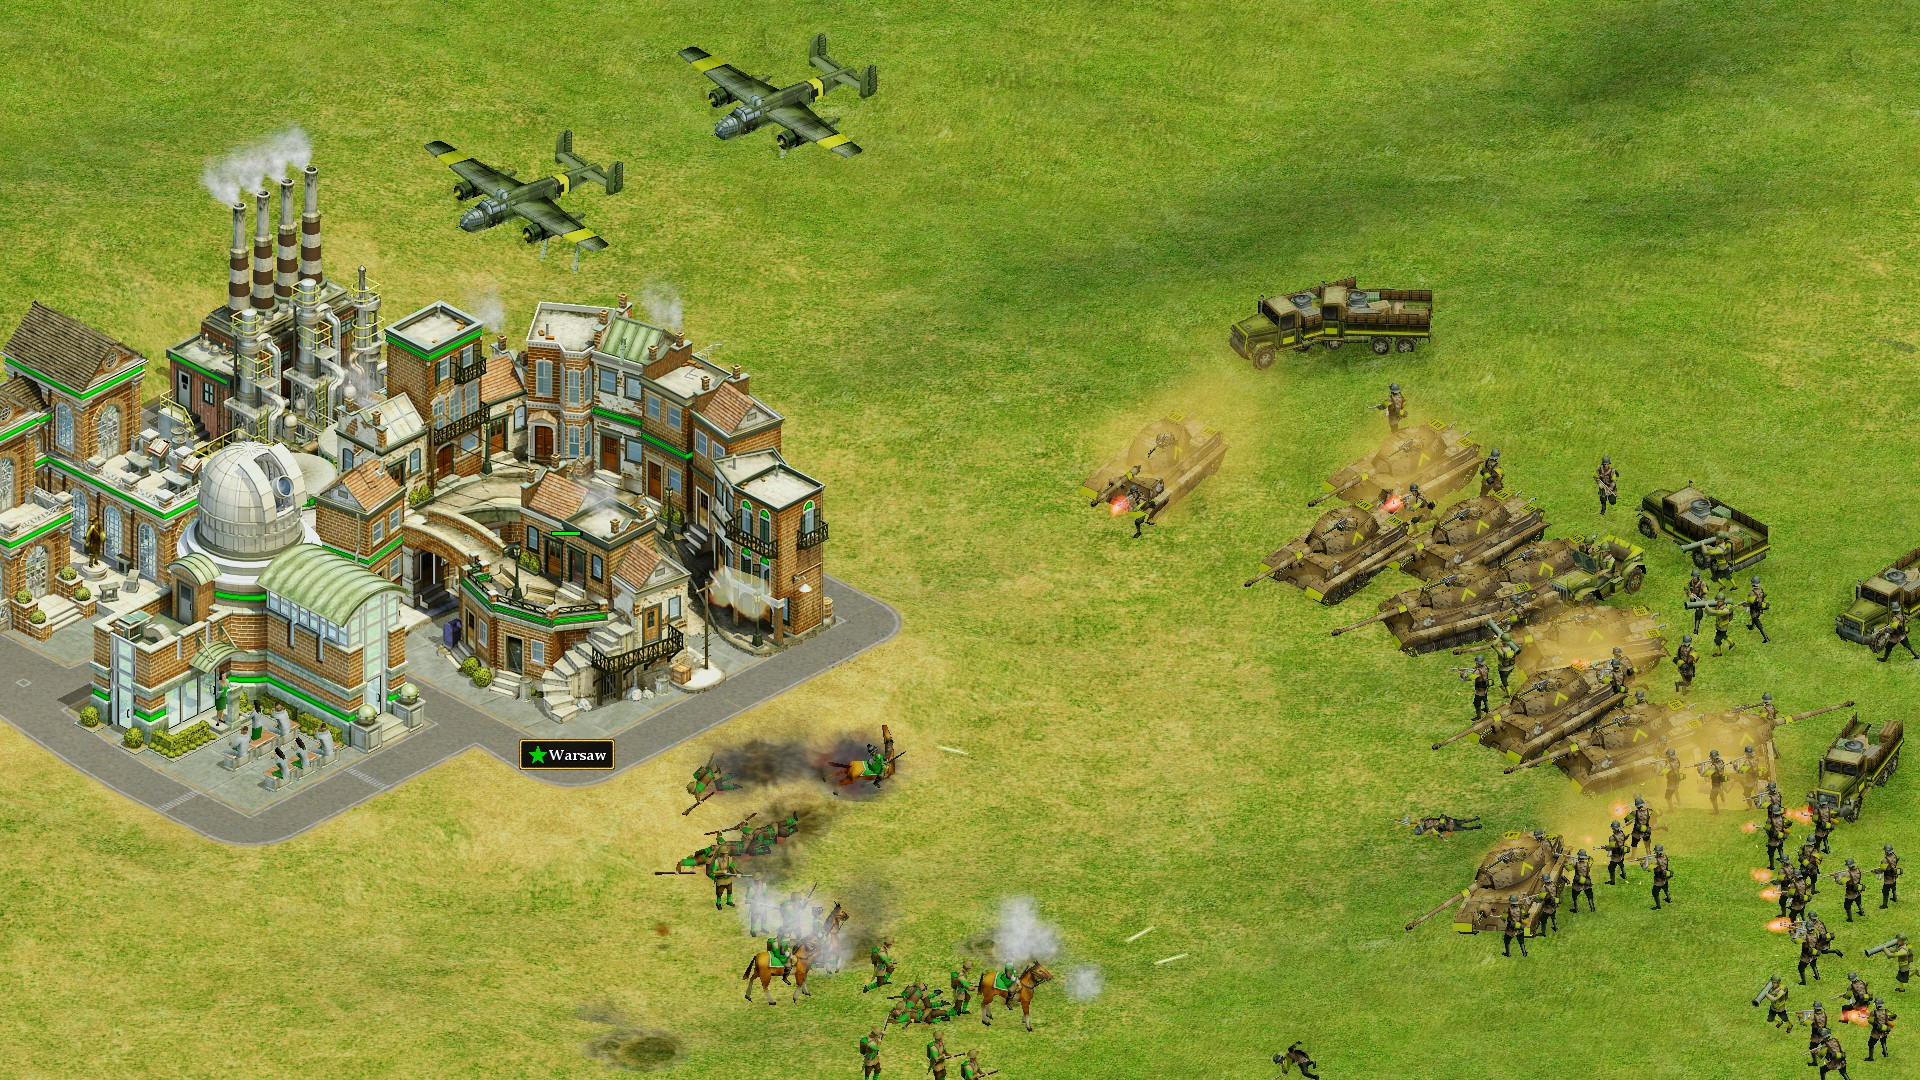 نیروهای زمینی در حال حمله به شهر ورشو.